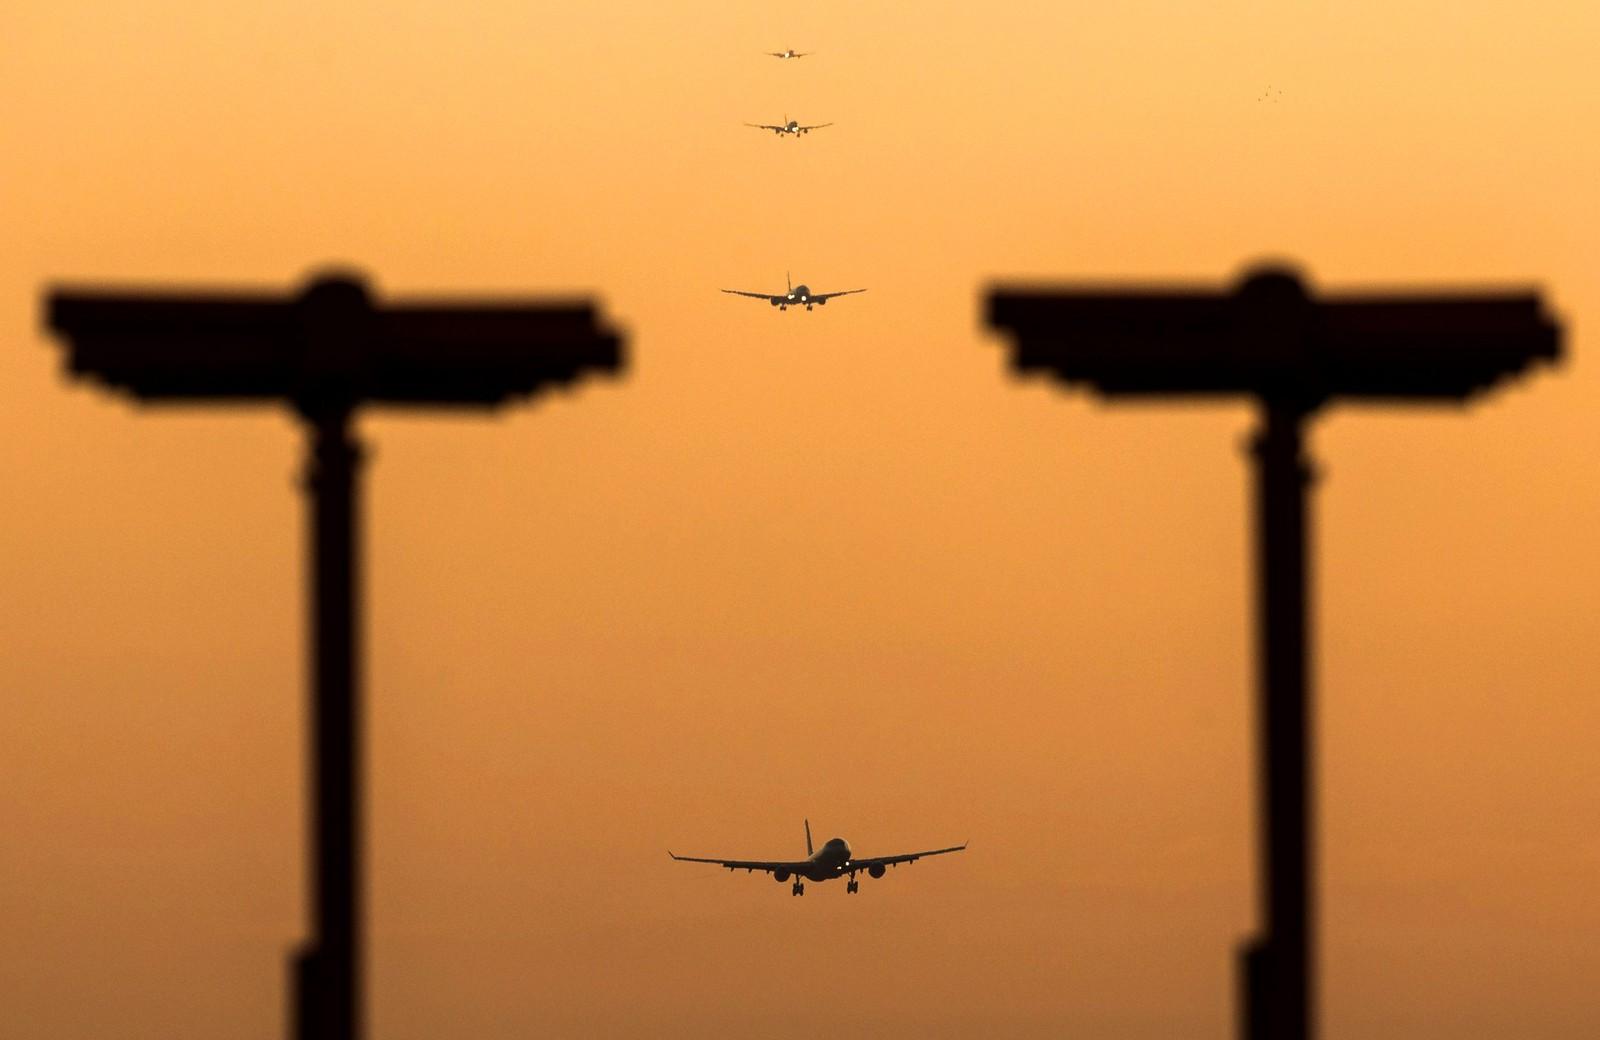 Flere fly går inn for landing på Heathrow flyplass i London i England. Britiske myndigheter vurderer å bygge en tredje rullebane for å øke kapasiteten.